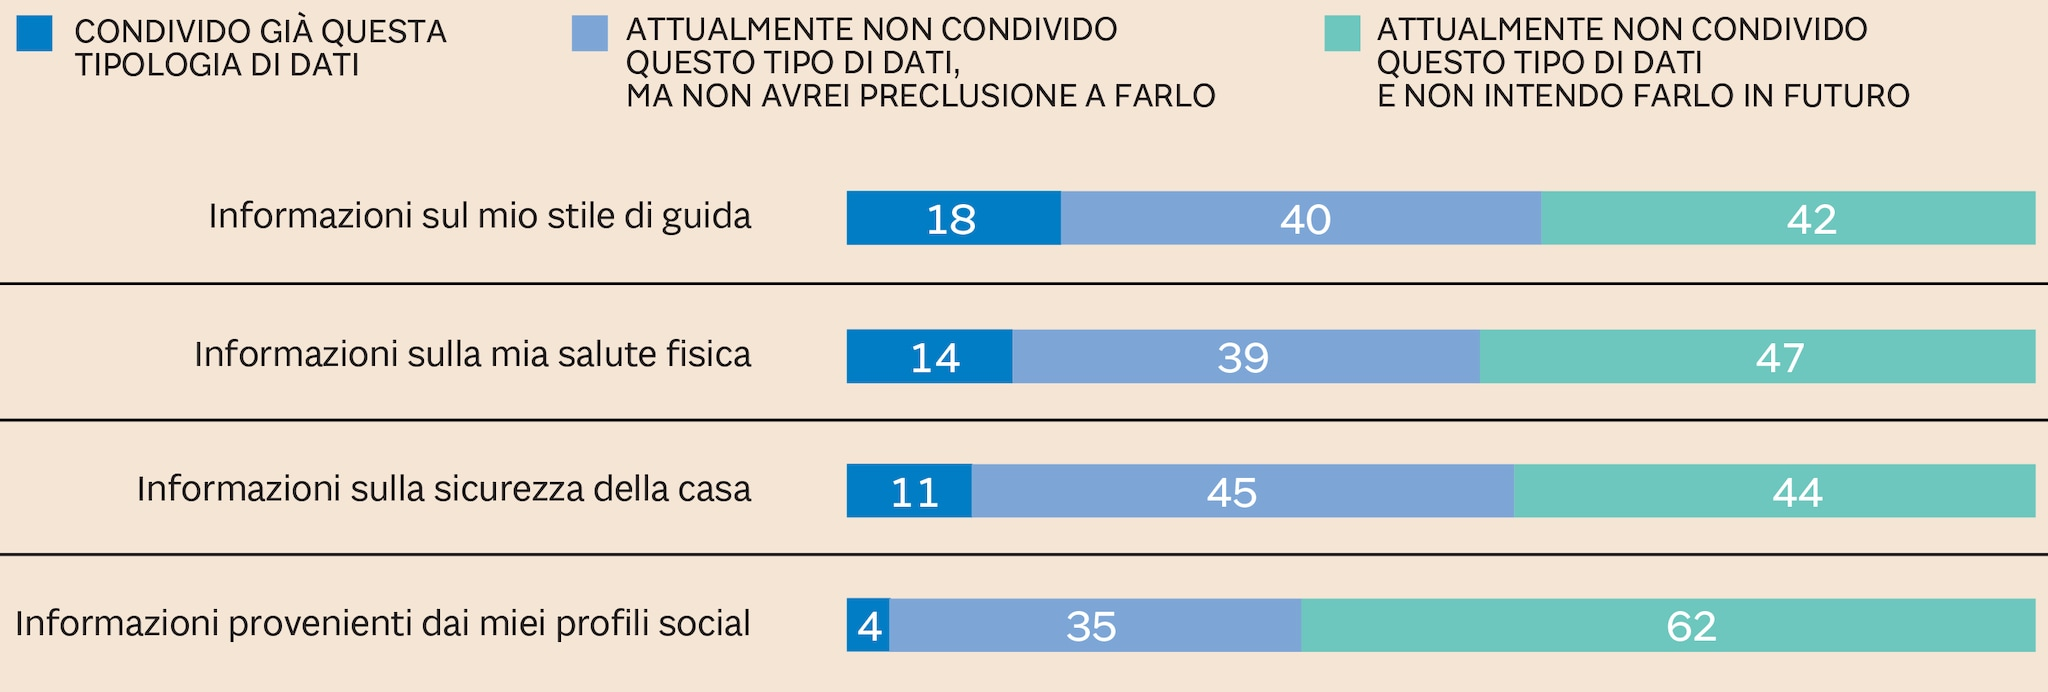 LA PROPENSIONE DEGLI UTENTI INTERNET ITALIANI ALLA CONDIVISIONE DELLE INFORMAZIONI PER MIGLIORARE LE ASSICURAZIONI